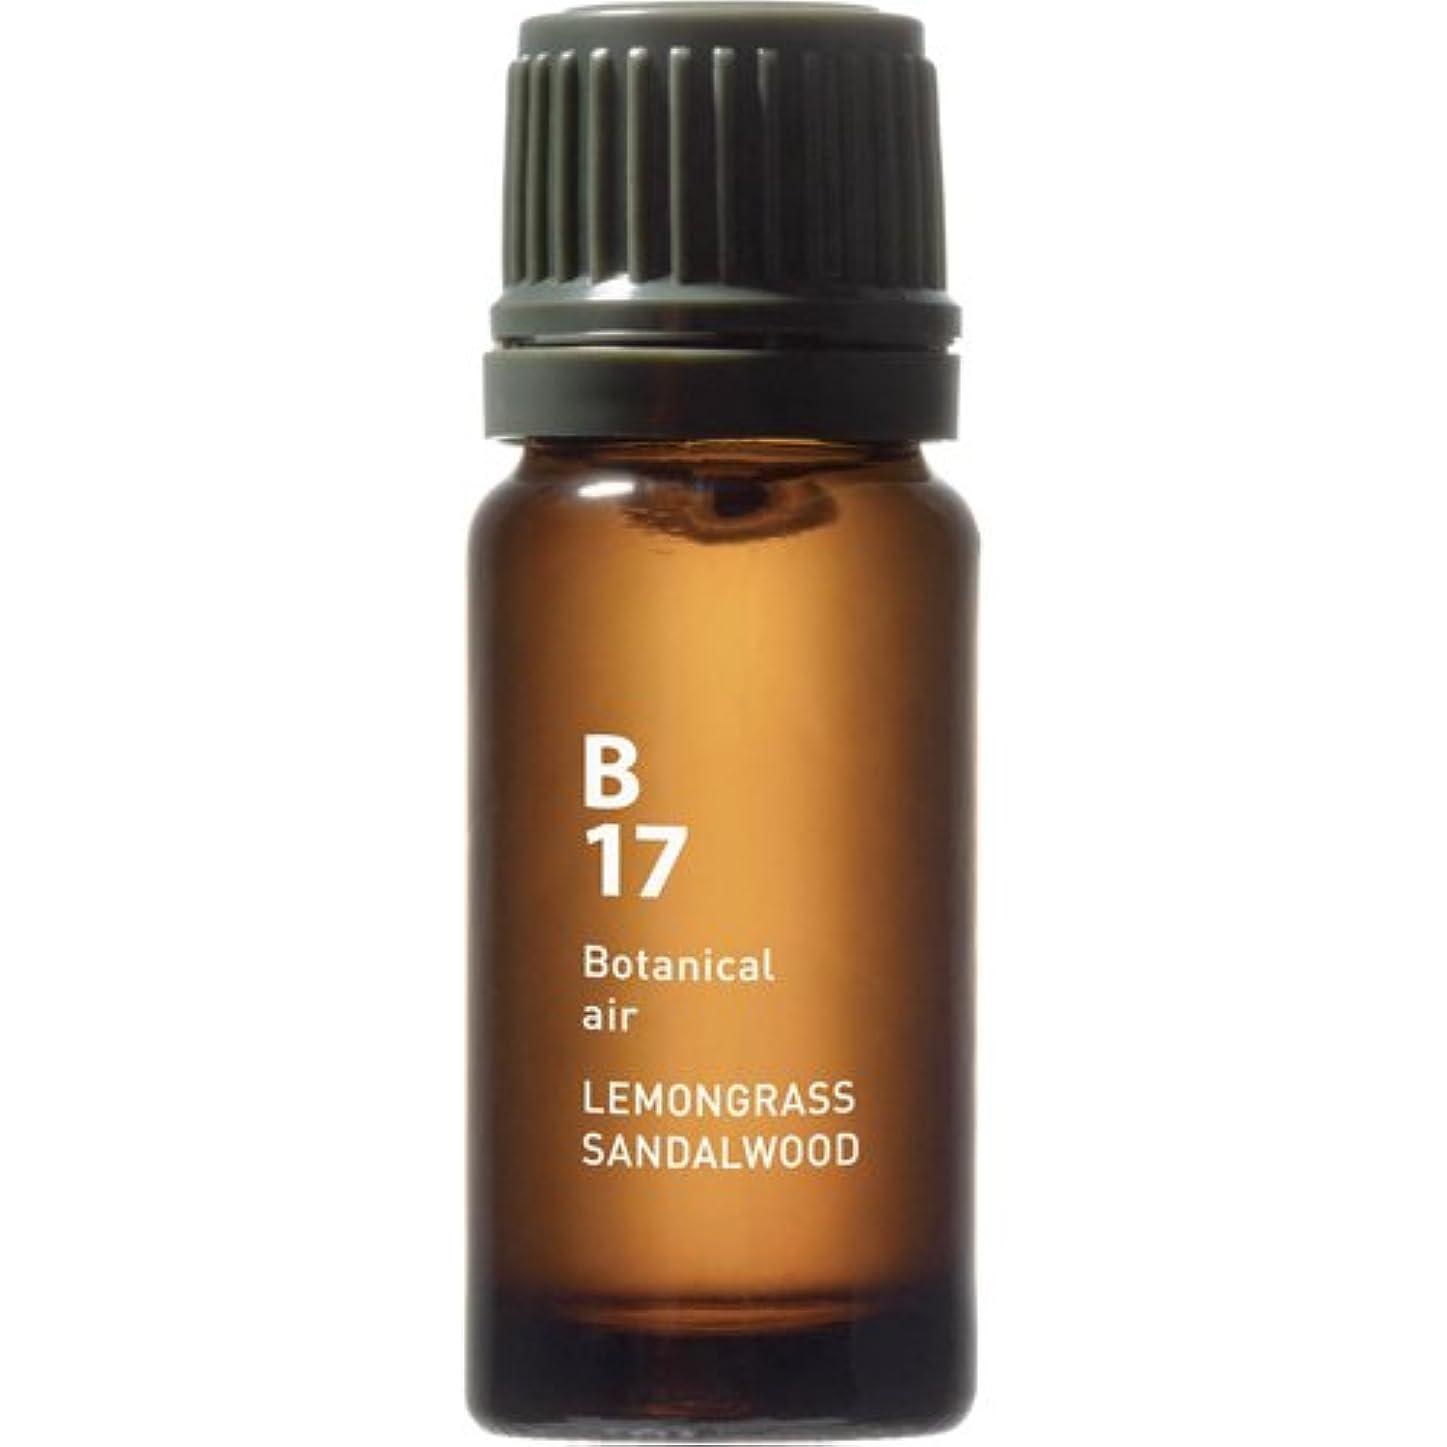 合わせてウナギ祝うB17 レモングラスサンダルウッド Botanical air(ボタニカルエアー) 10ml